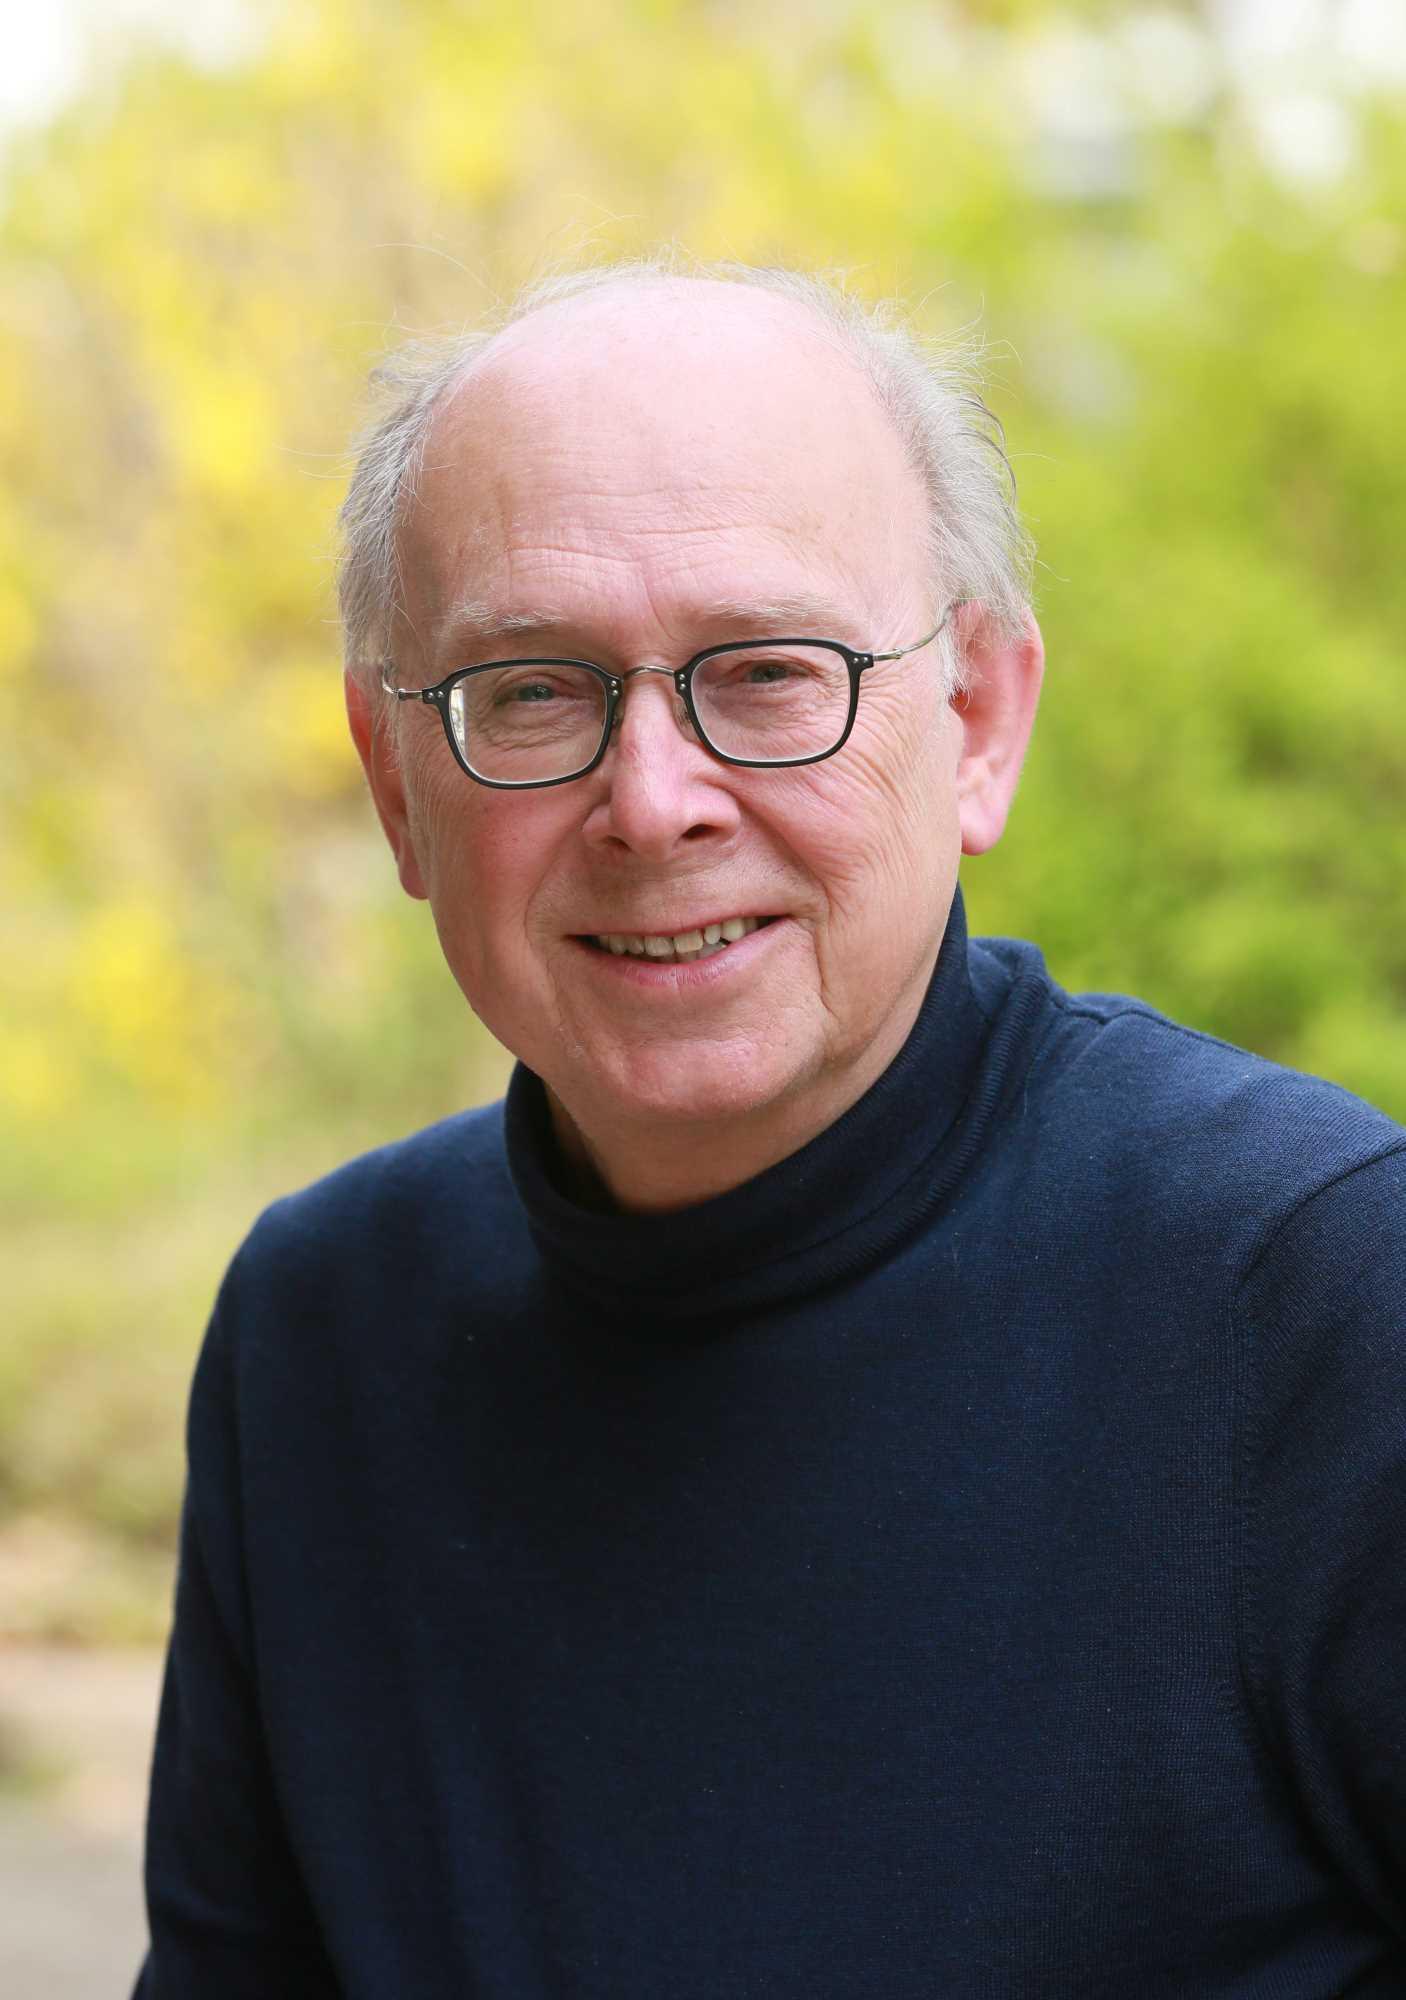 Matthias Seibel